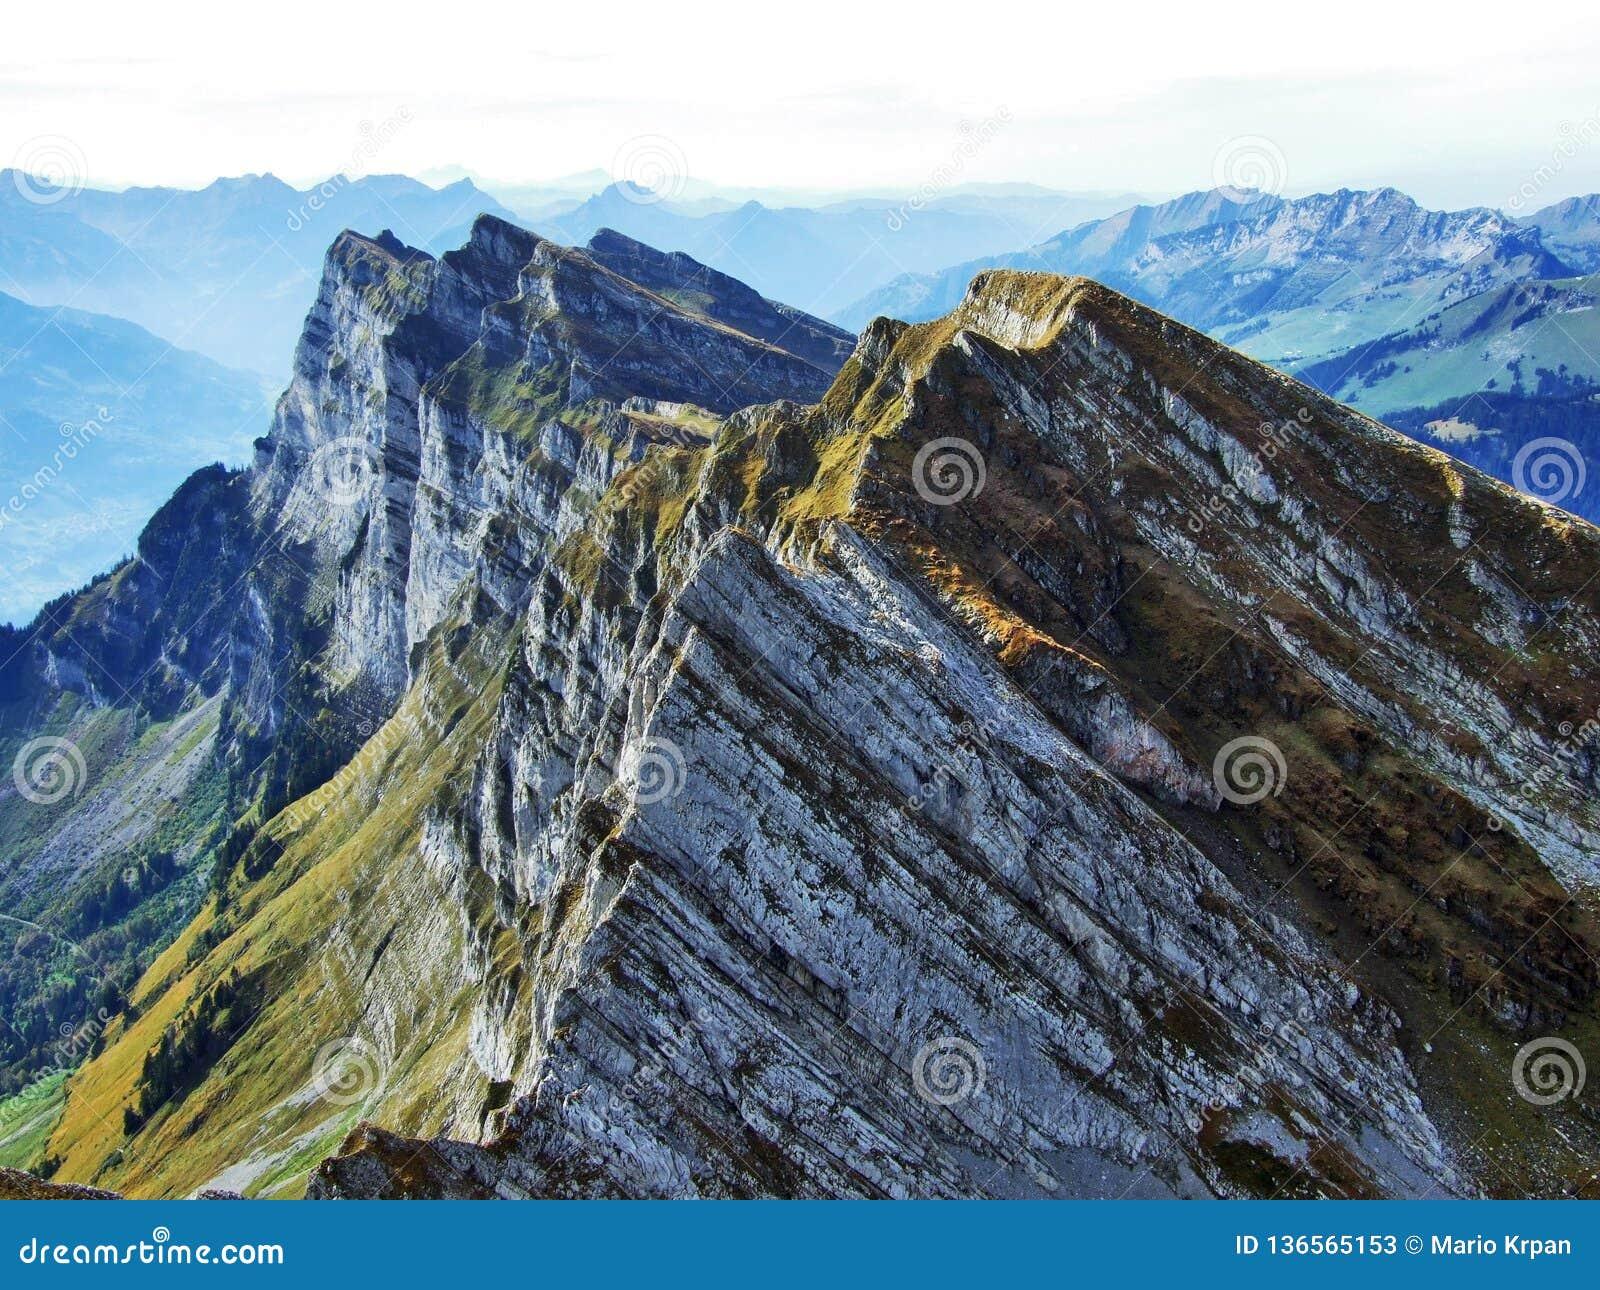 Alpengipfel in der Churfirsten-Gebirgskette zwischen Thur River Valley und Walensee See